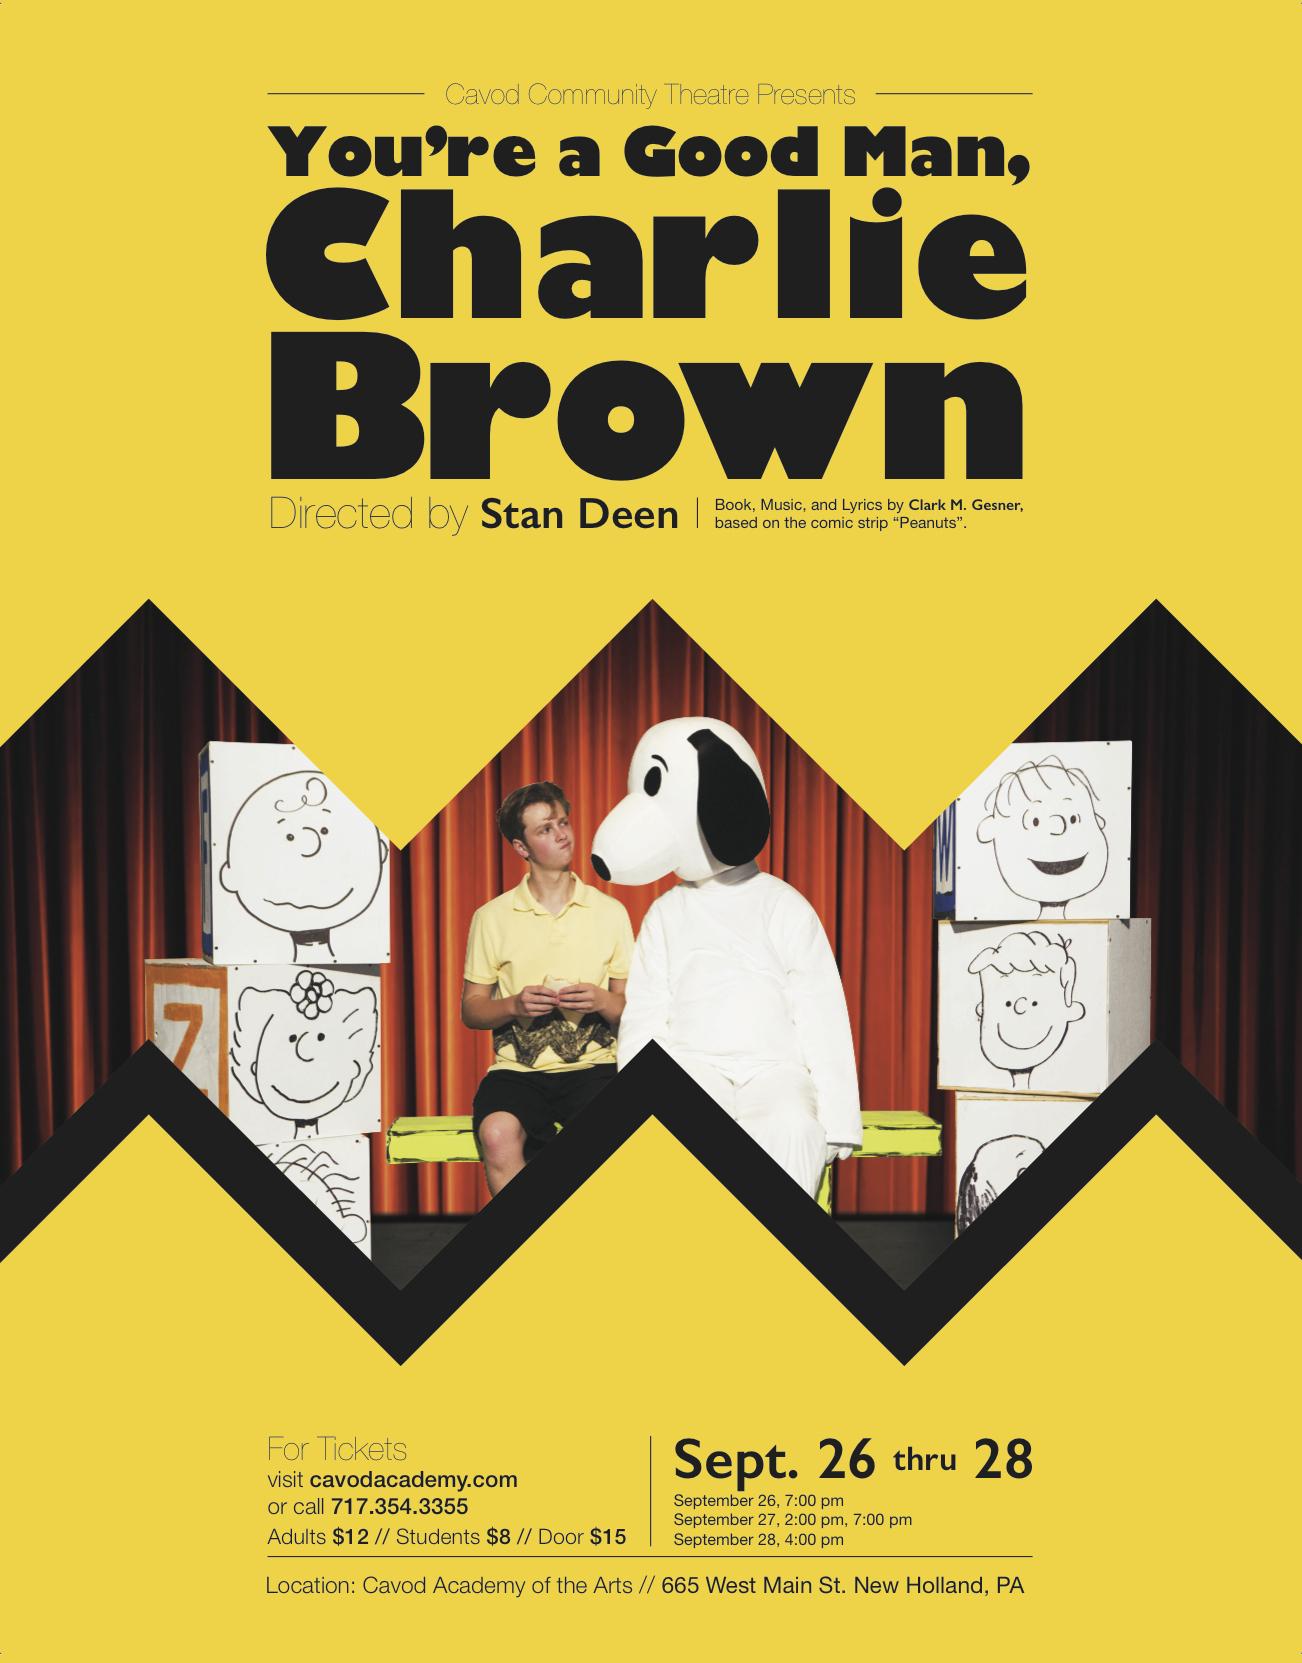 Charlie Brown 2014